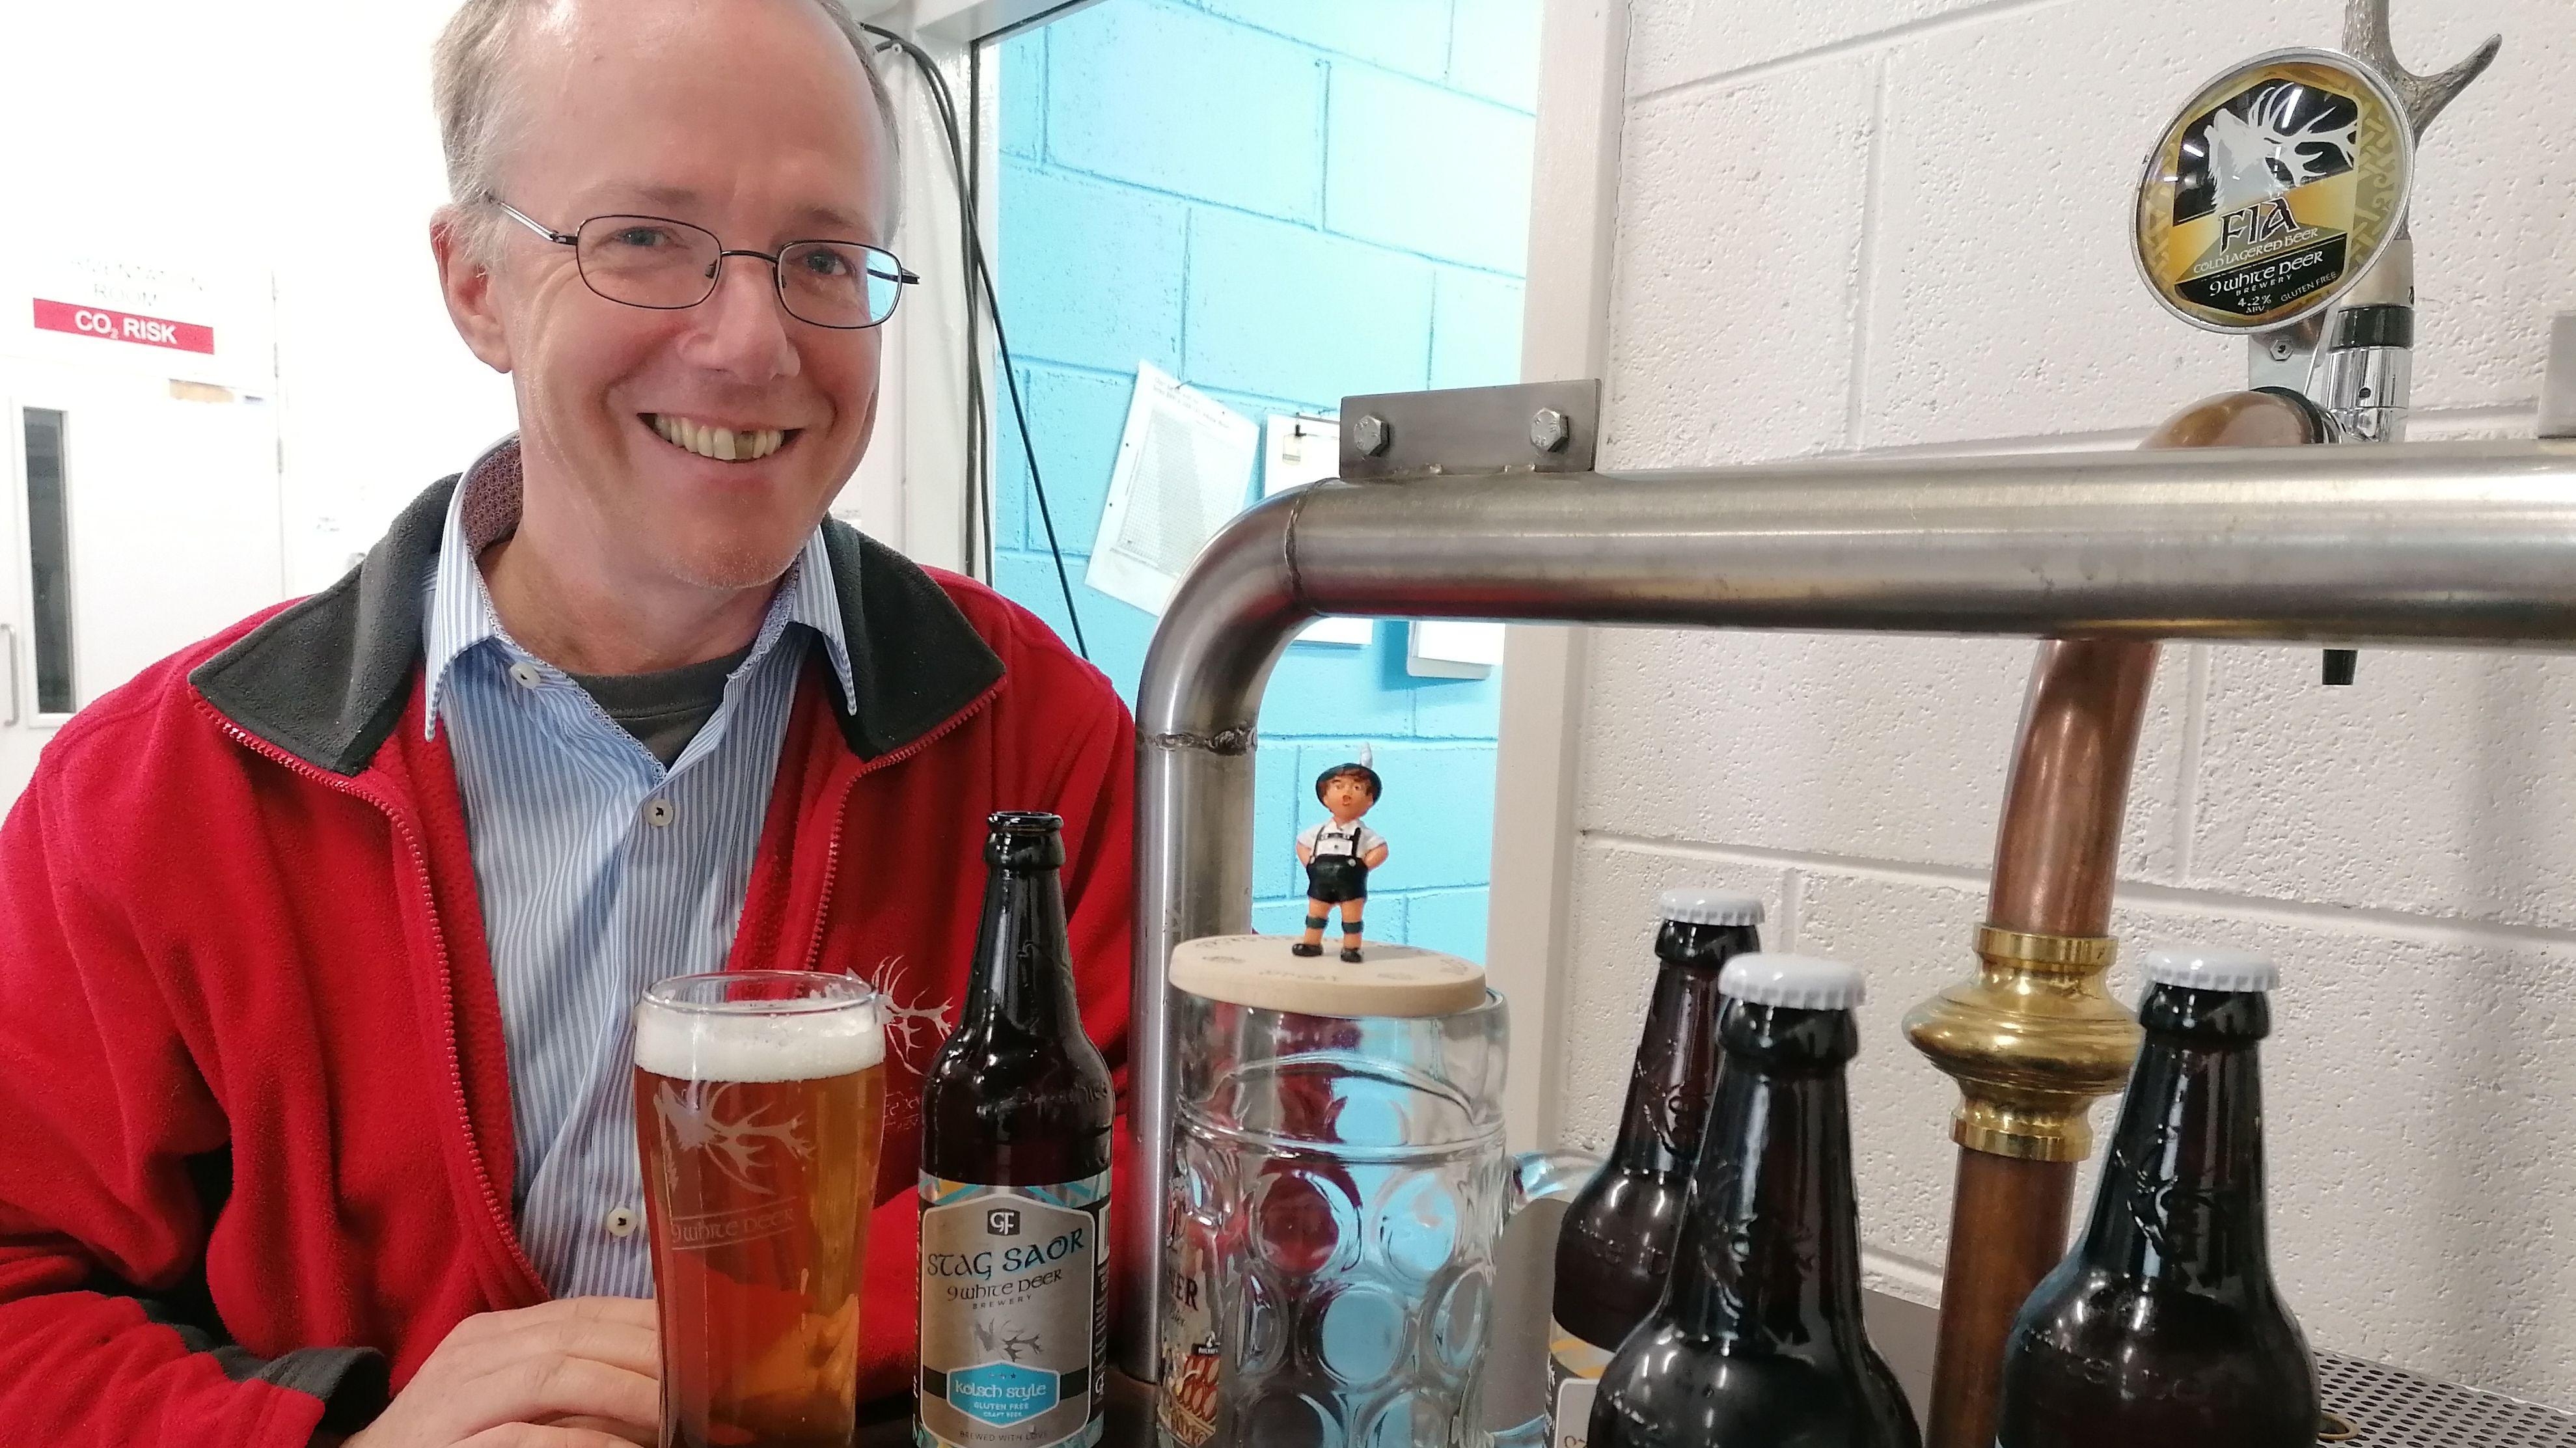 Braumeister mit Bierflaschen, Pint-Glas nach irischer Art und bayerischem Masskrug